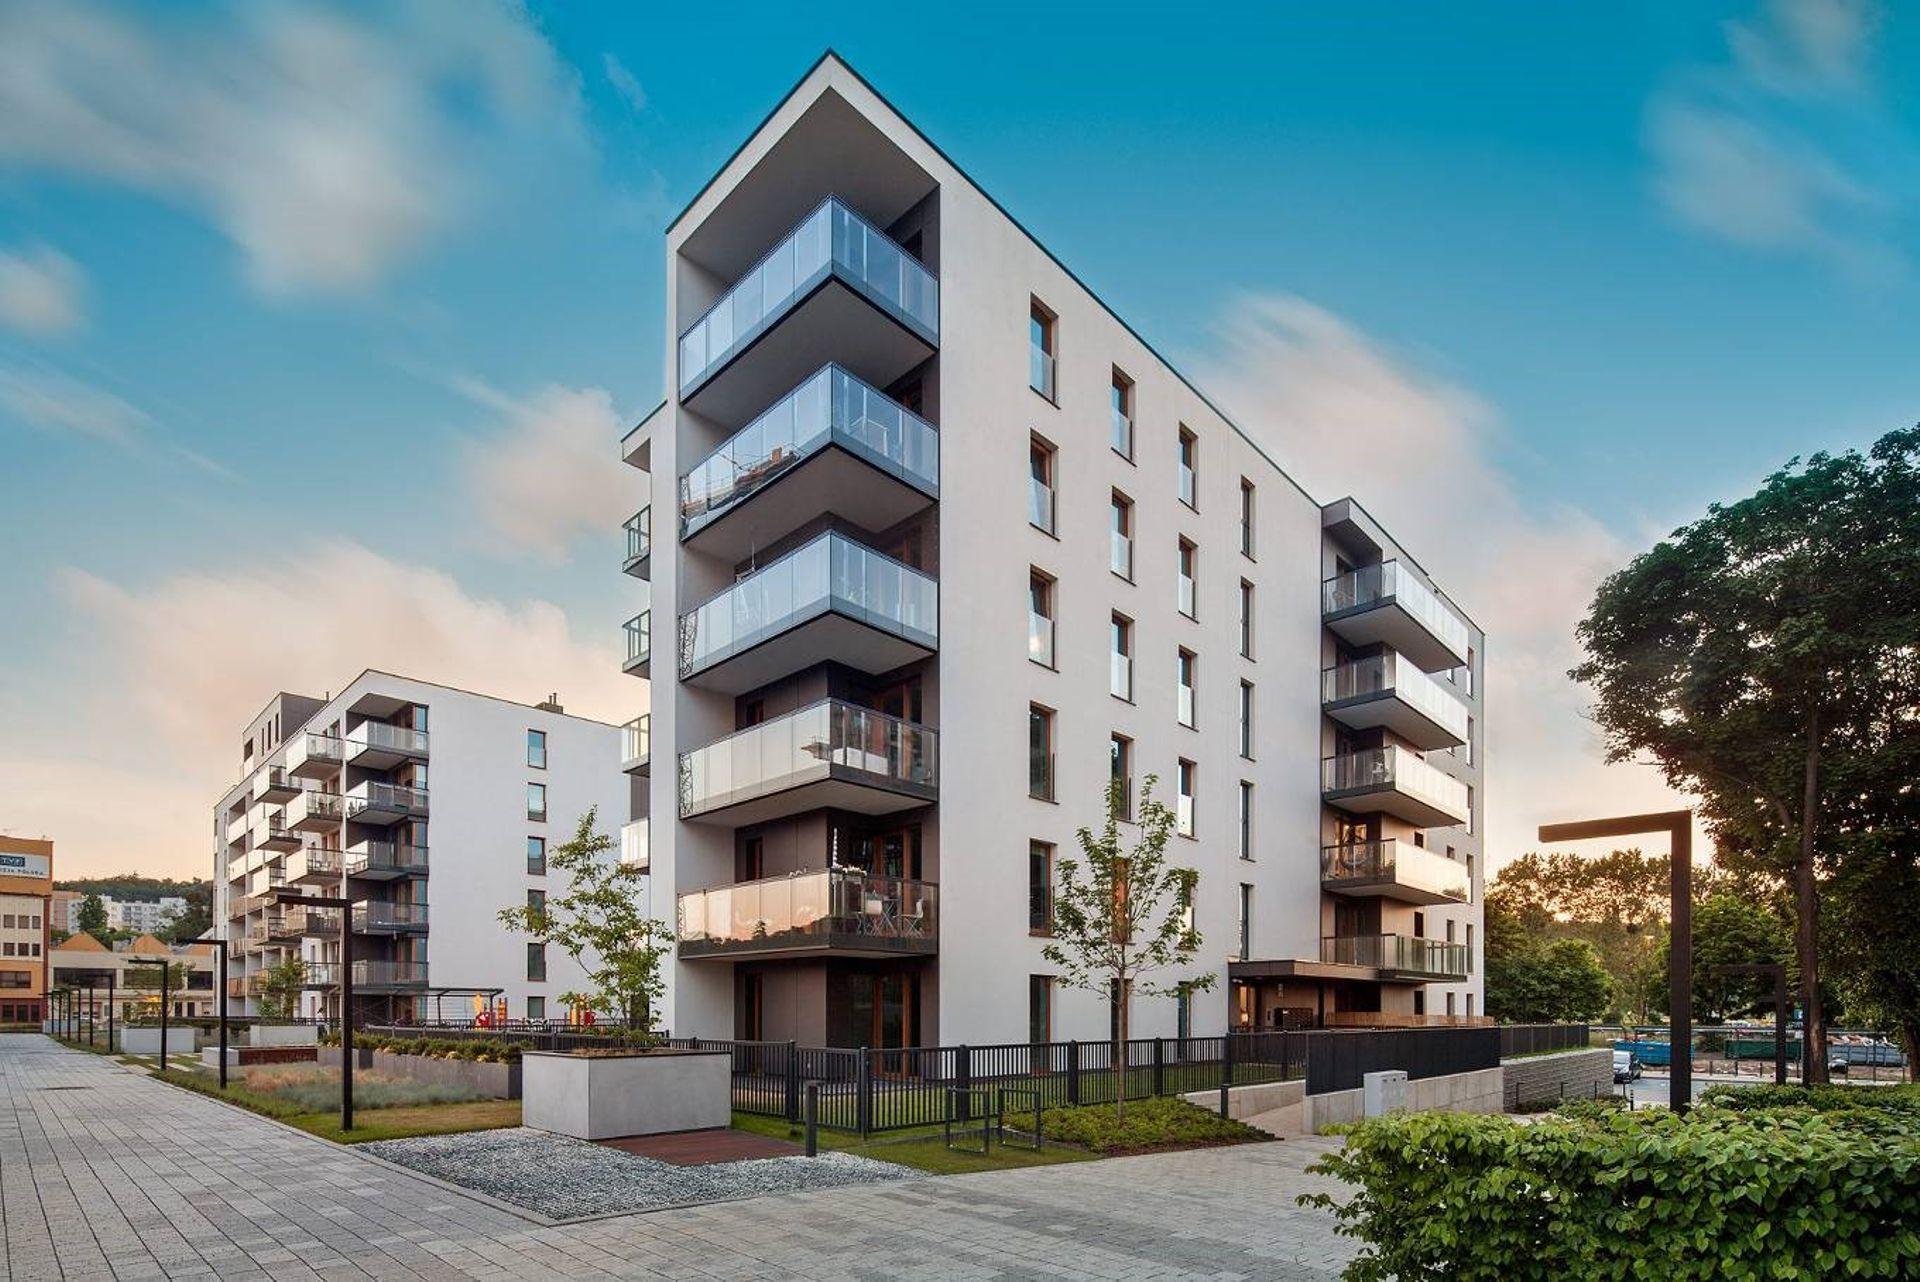 [Gdańsk] Trzy czwarte osiedla Harmonia Oliwska w Gdańsku sprzedane